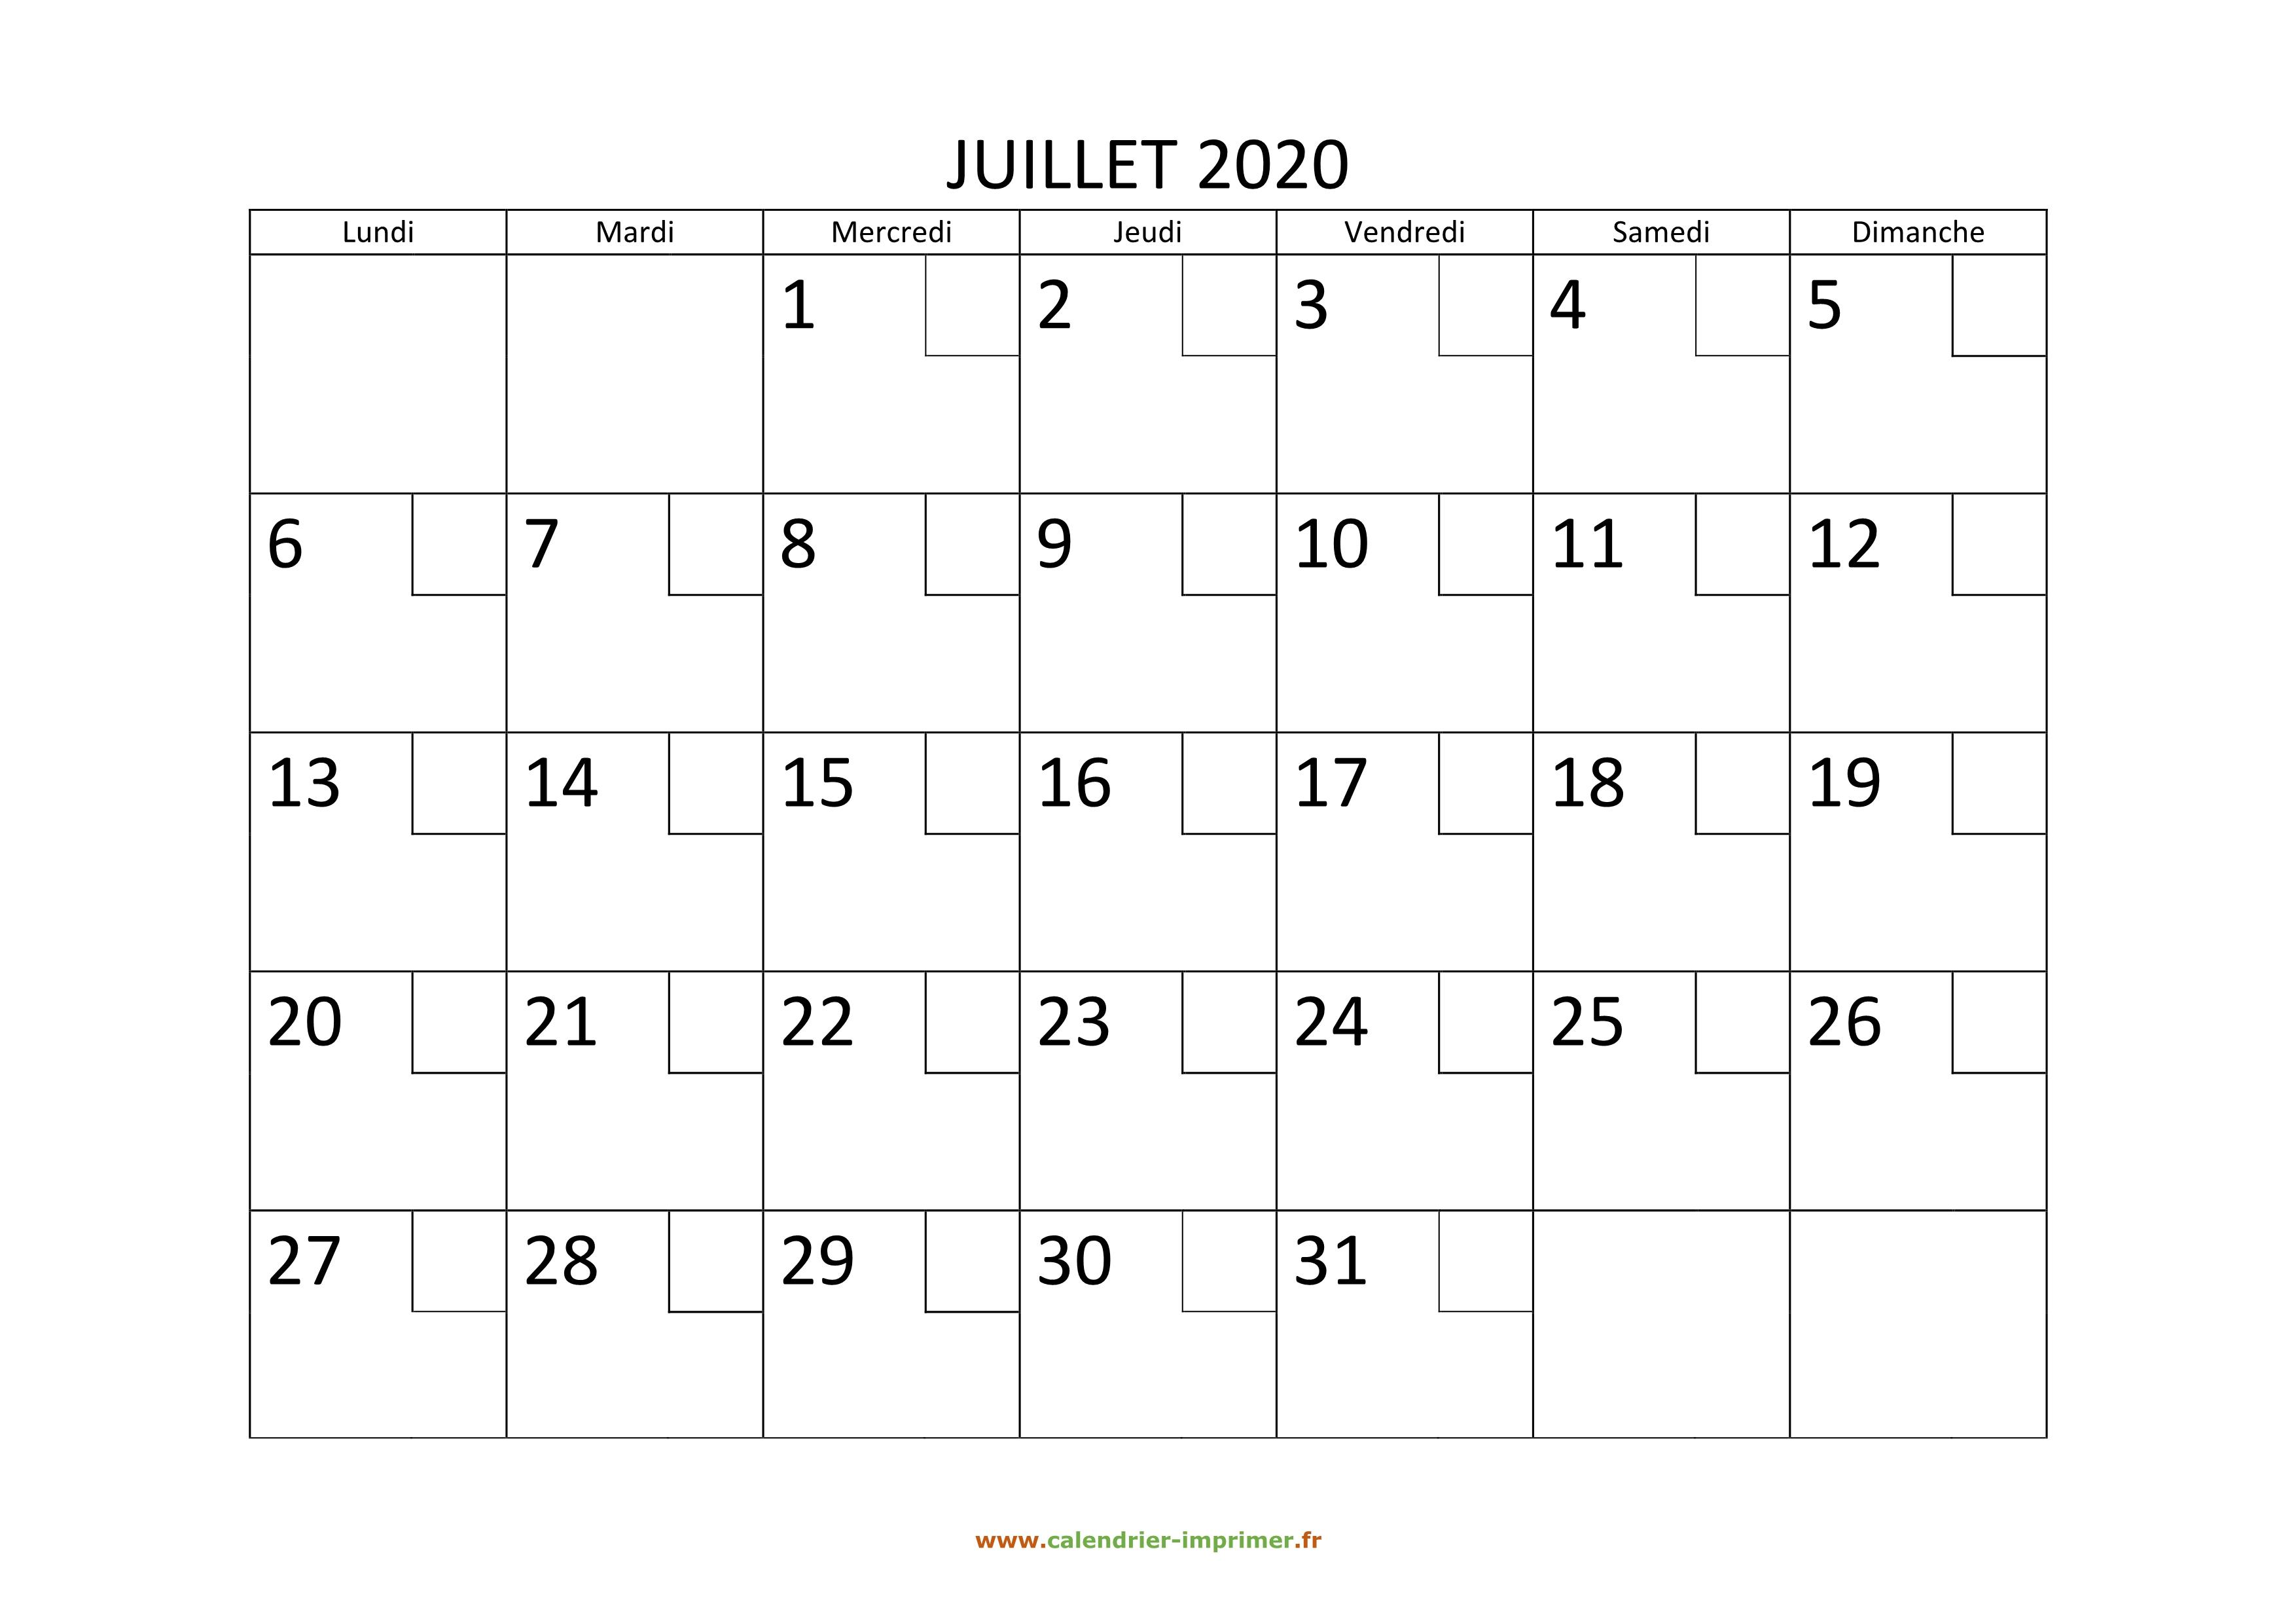 Calendrier Juillet2020.Calendrier Juillet 2020 A Imprimer